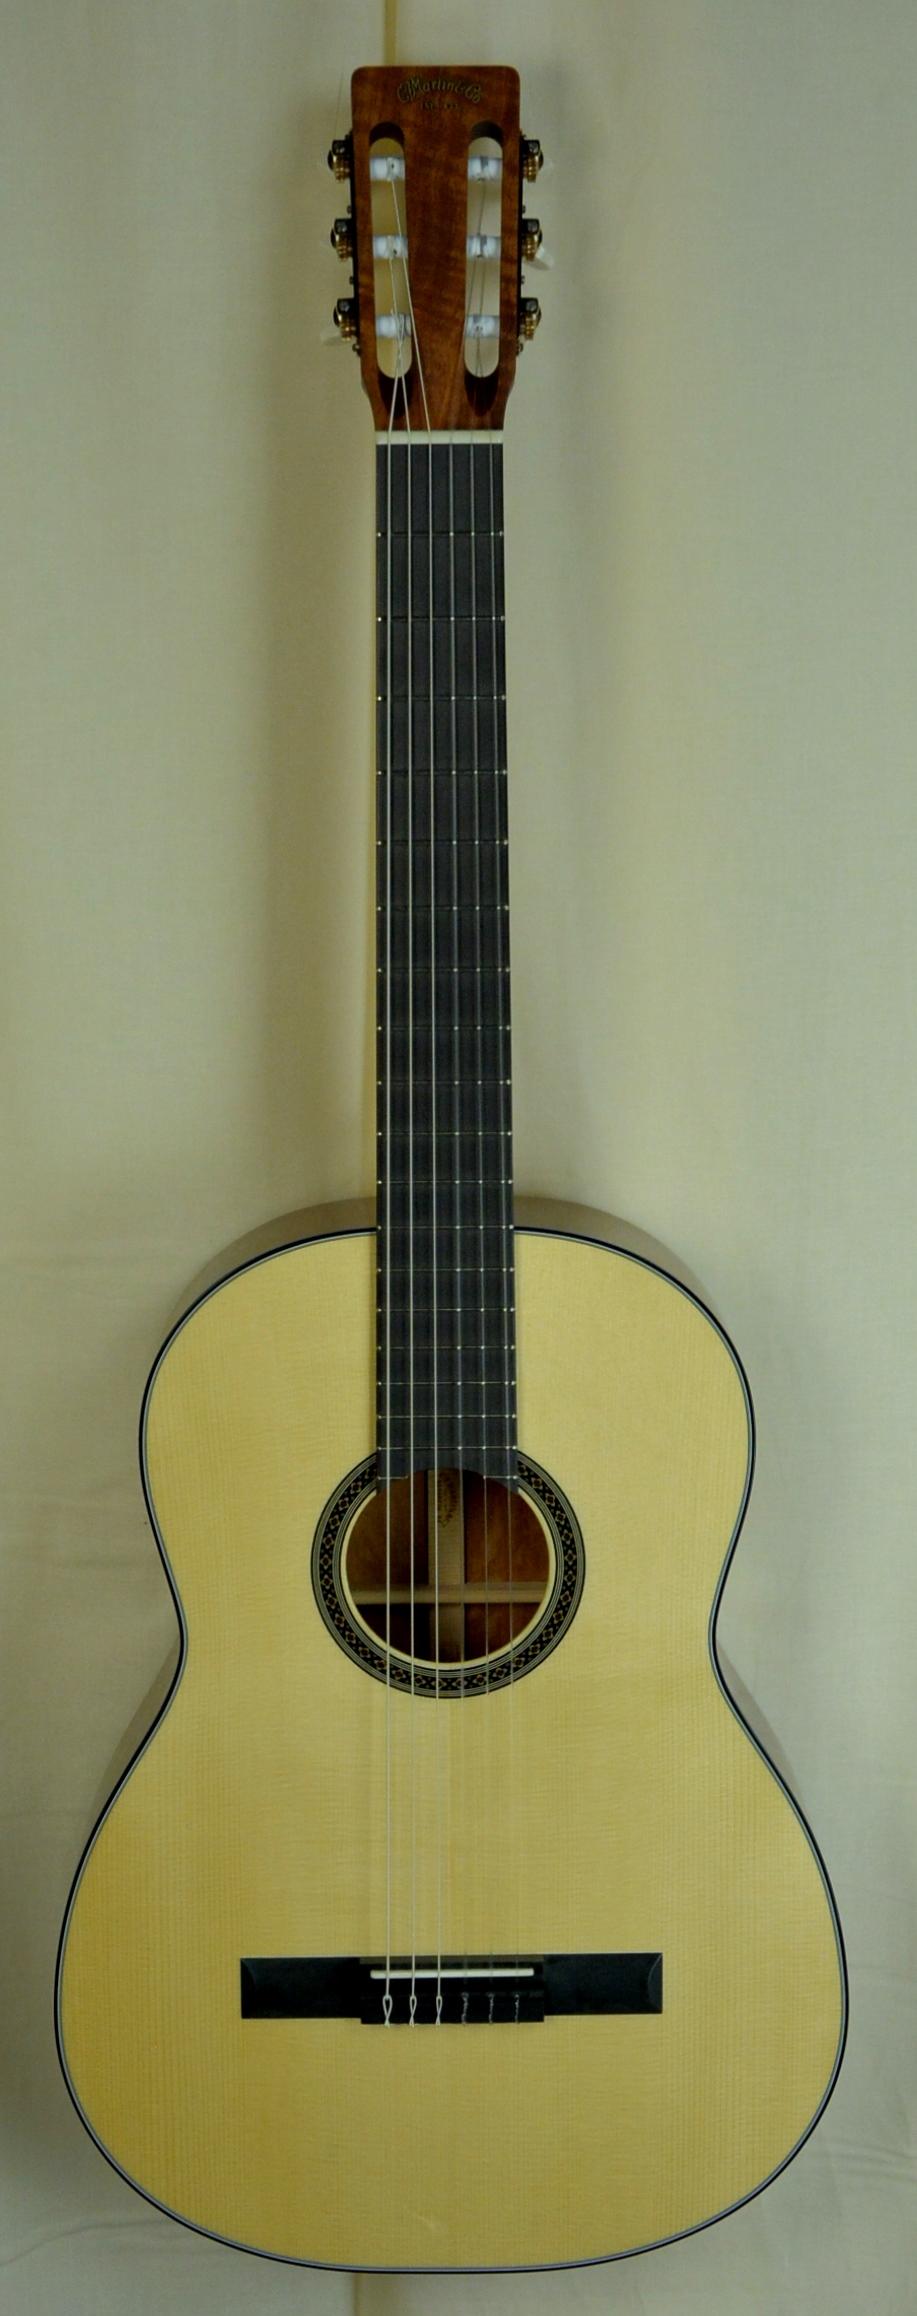 Q-2655824 S-1938292 N-style Solomon Padauk Engelmann (1).JPG